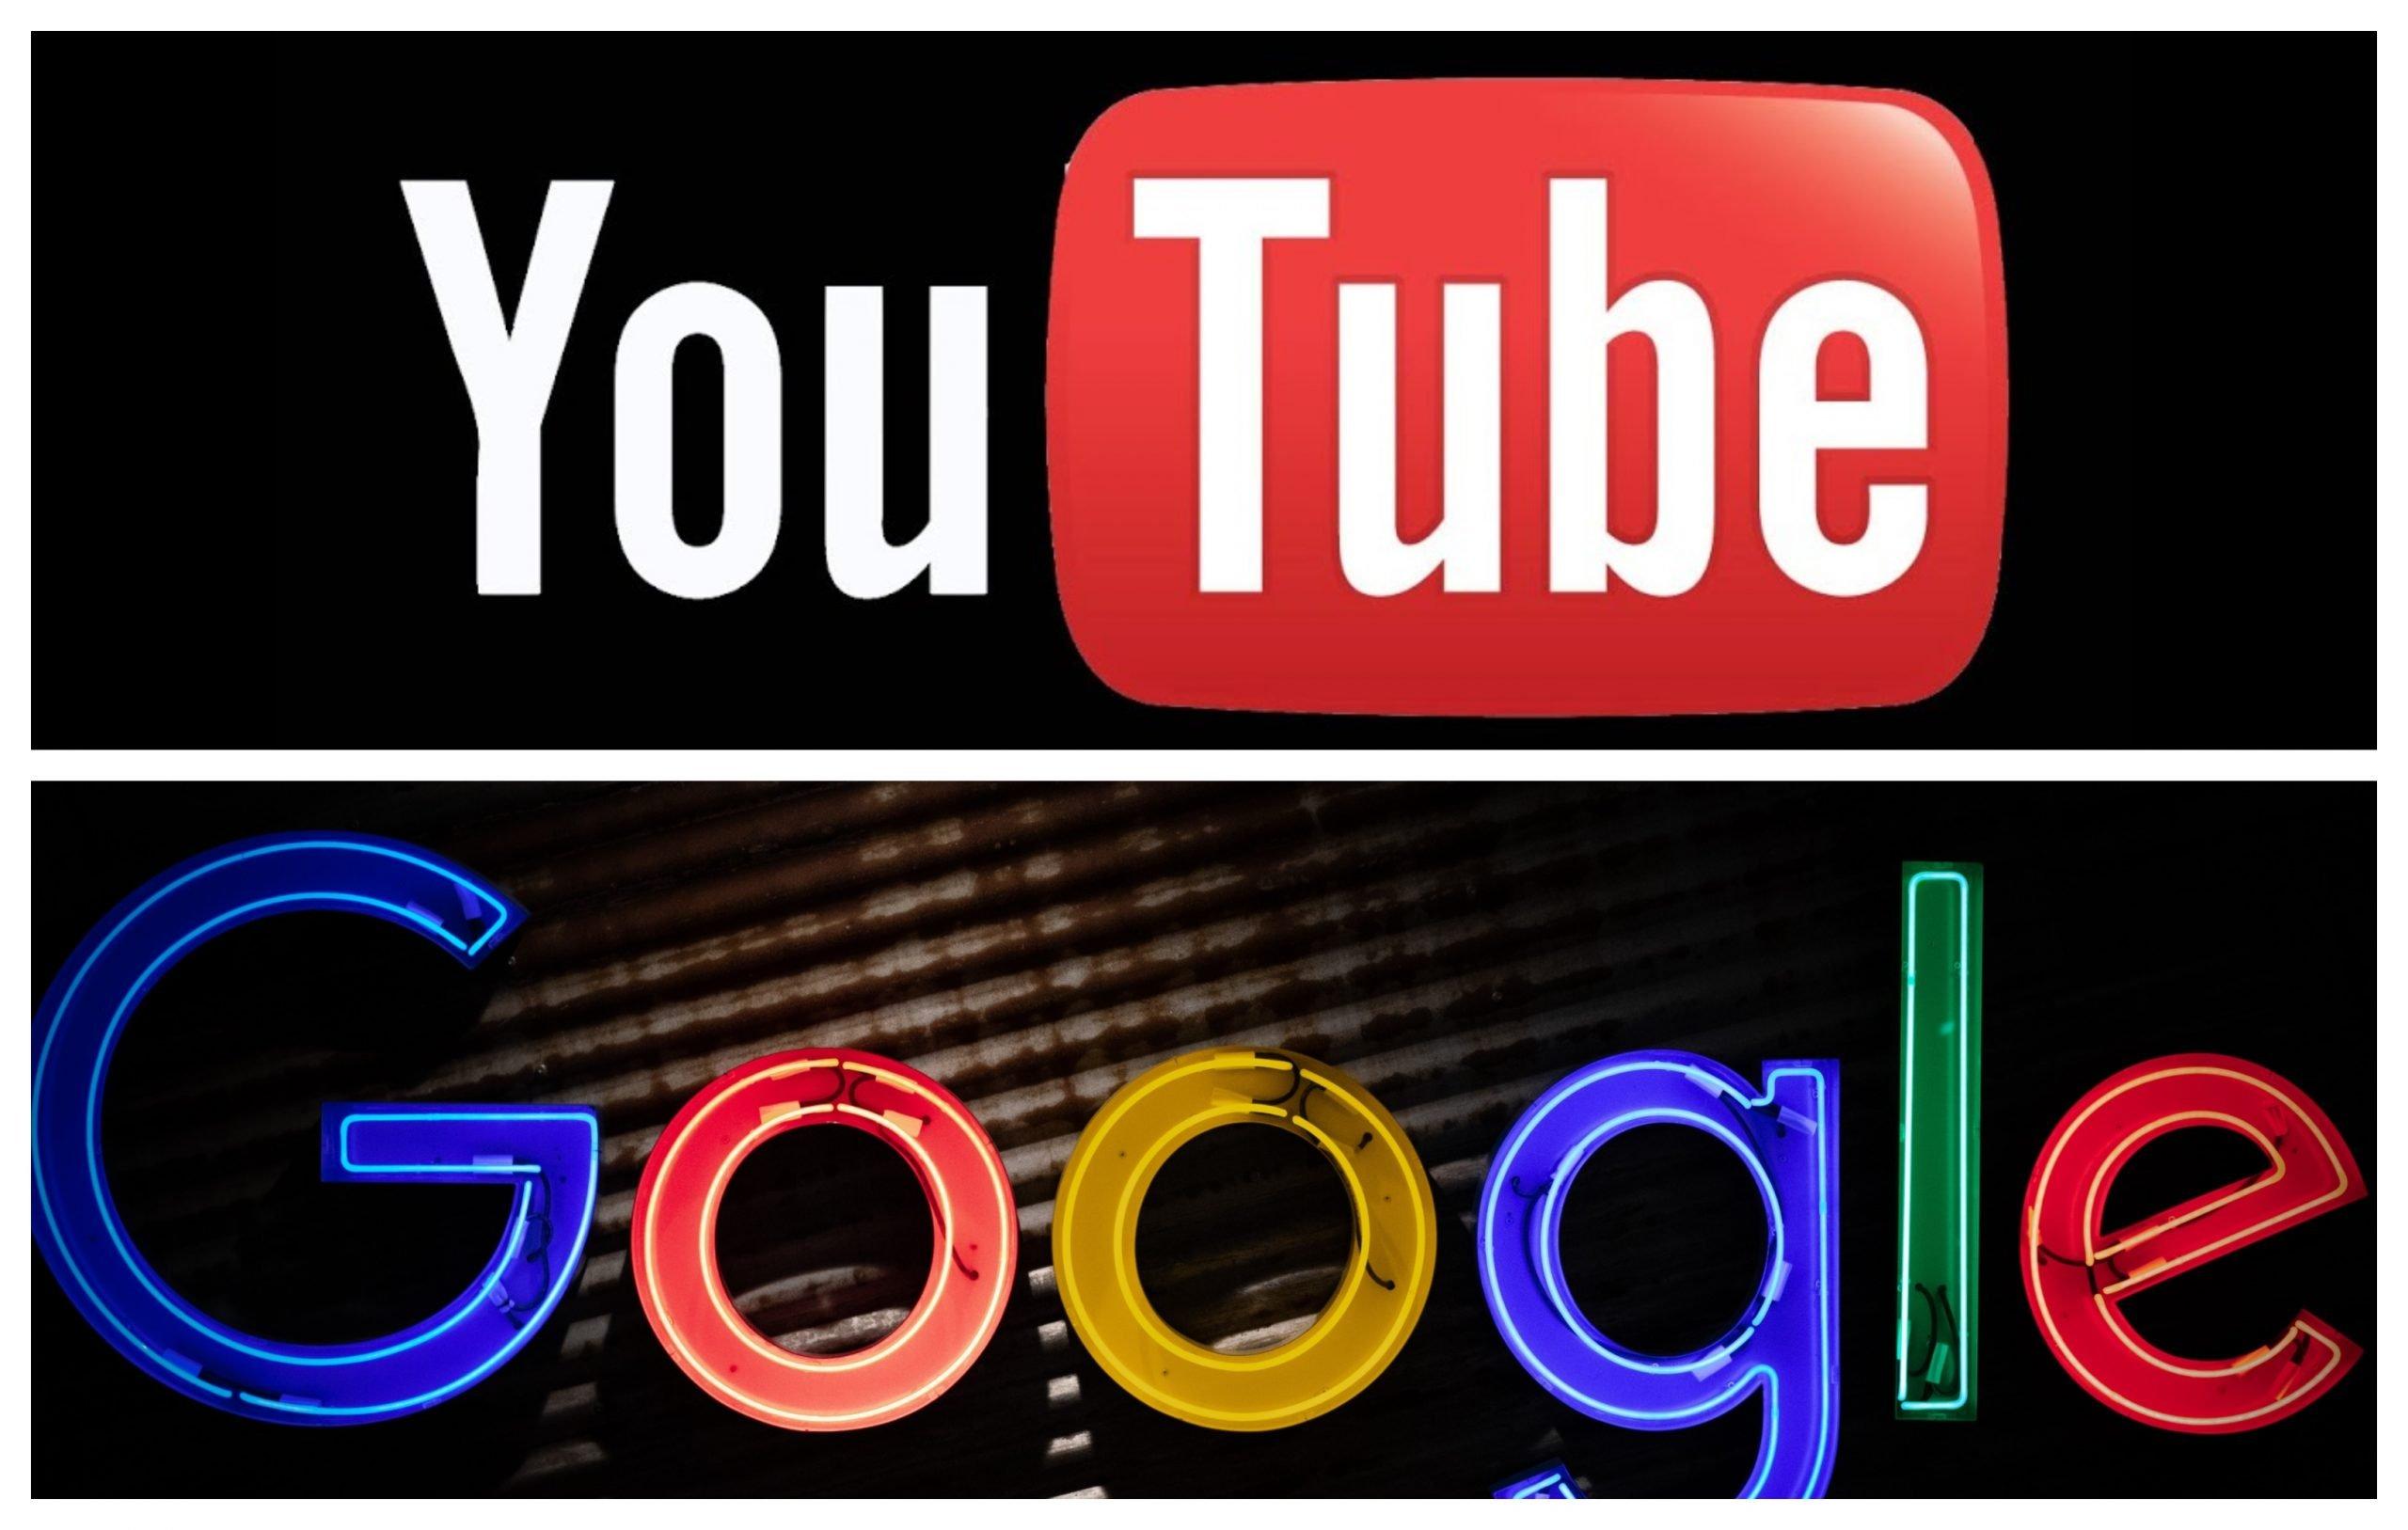 Youtube ve Google Öğretmenlere Yardımcı Olmak İçin Çalışmalar Başlattı